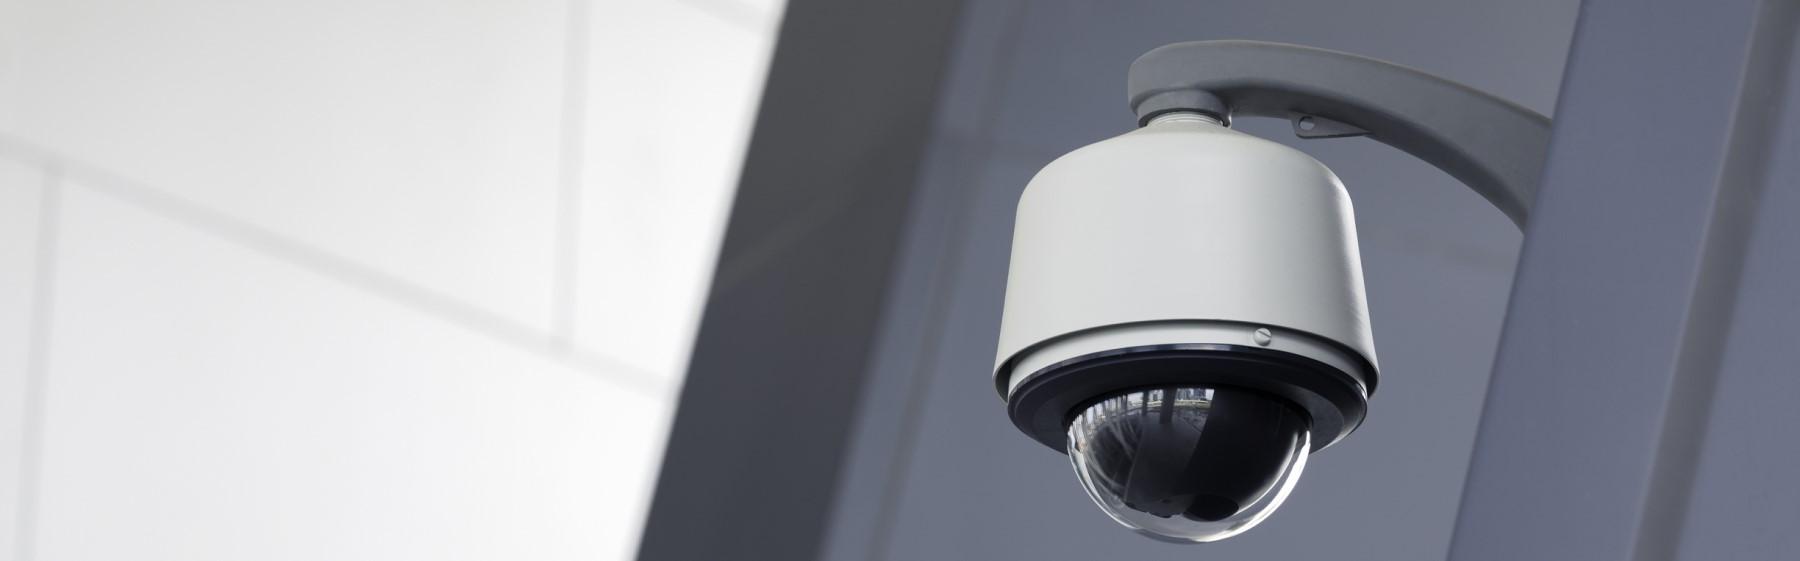 Sicherheitstechnik – private Häuser und Gewerbeeinrichtungen in der Urlaubszeit richtig absichern